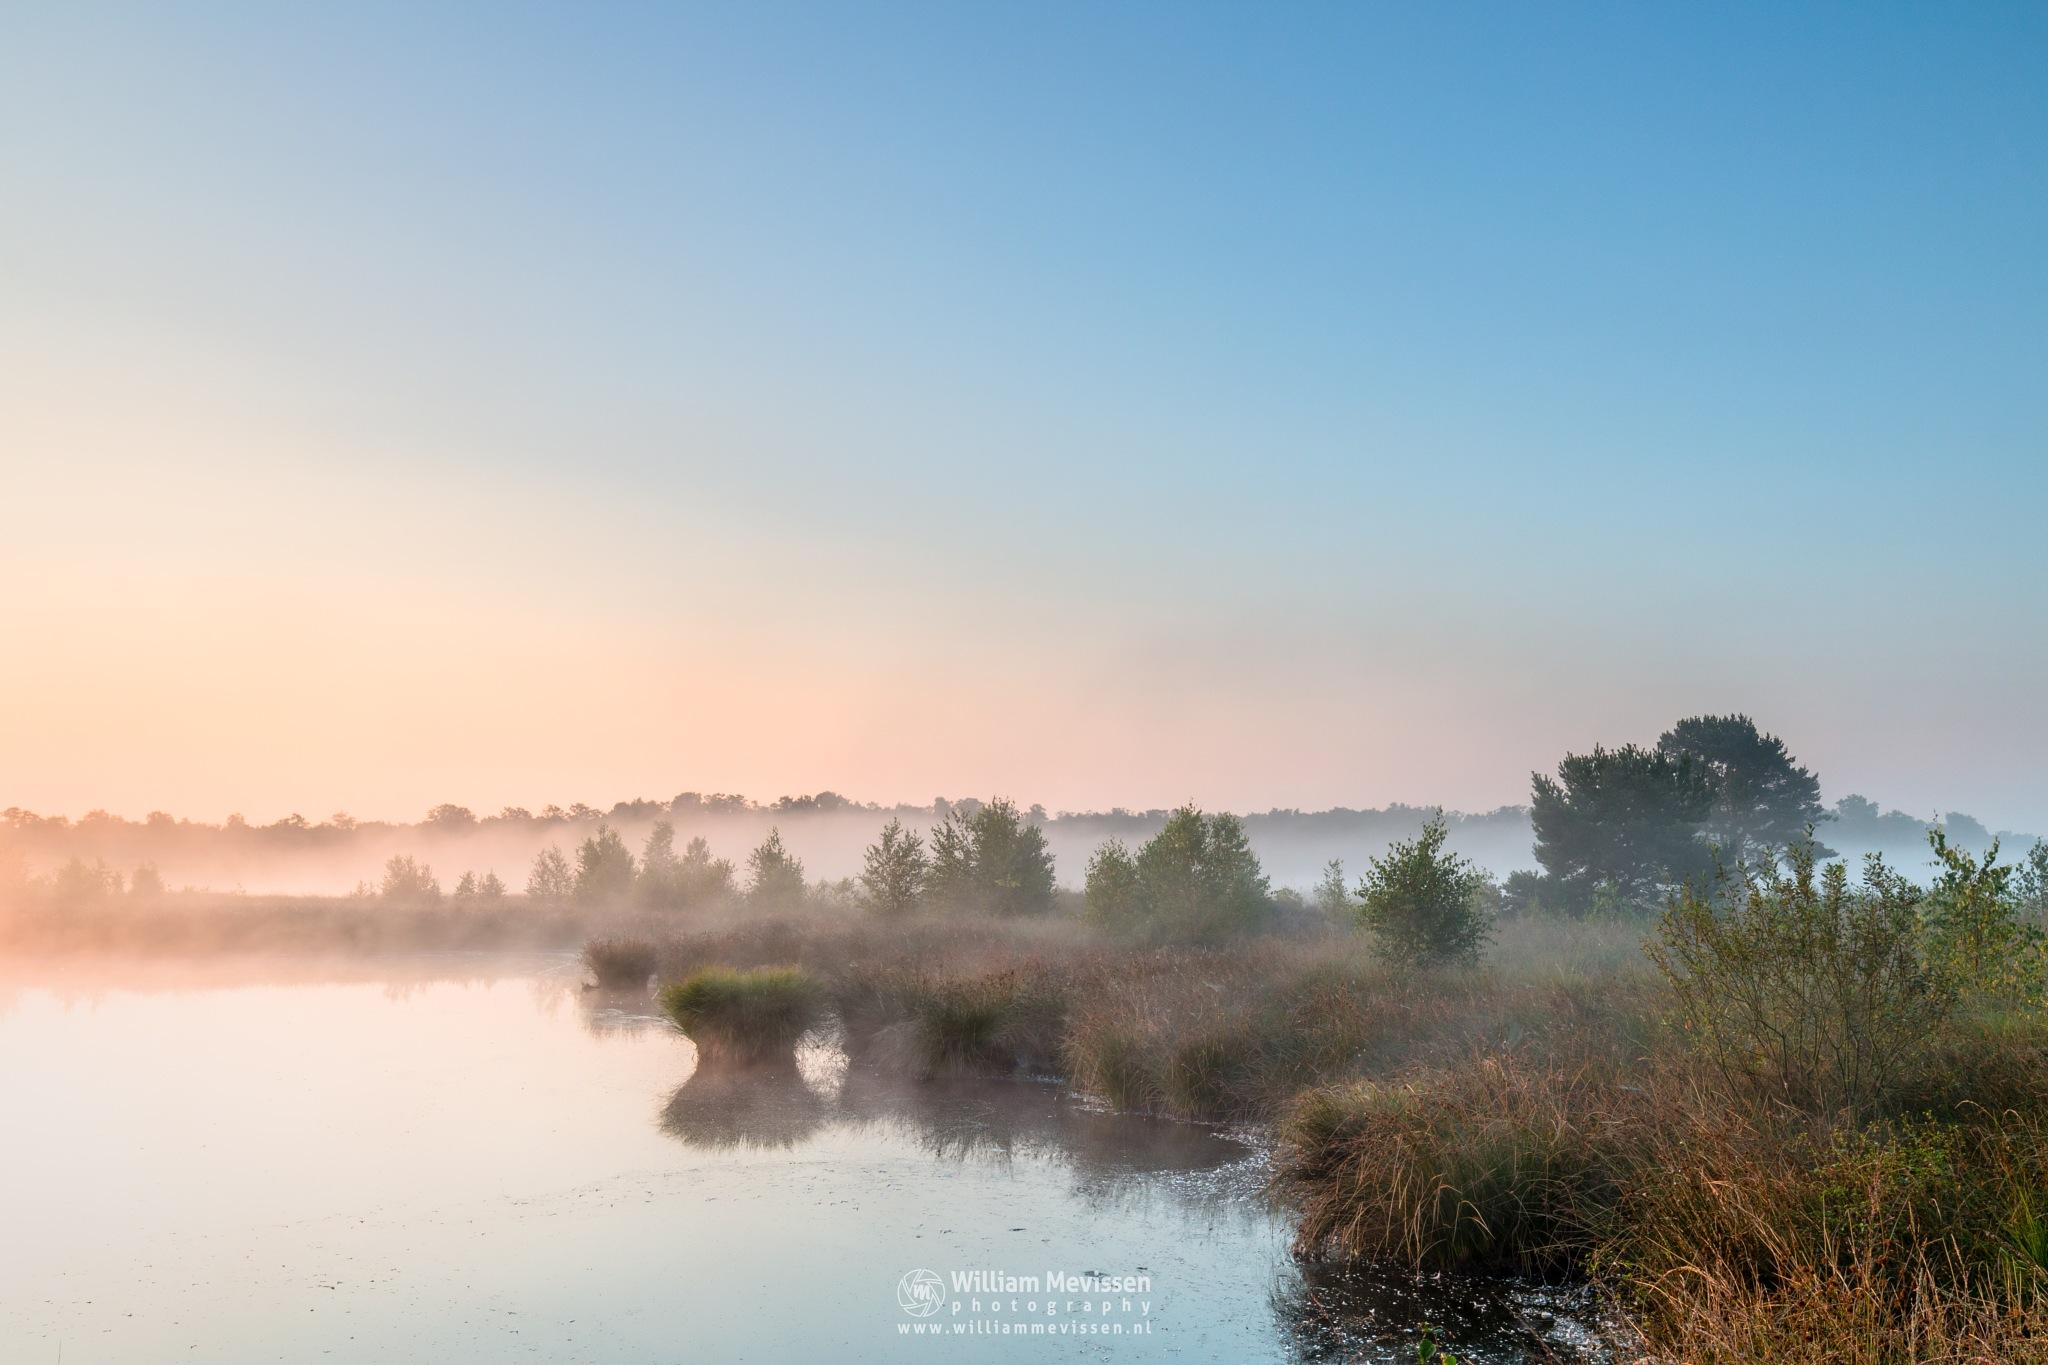 Misty Sunrise Pikmeeuwenwater  by William Mevissen